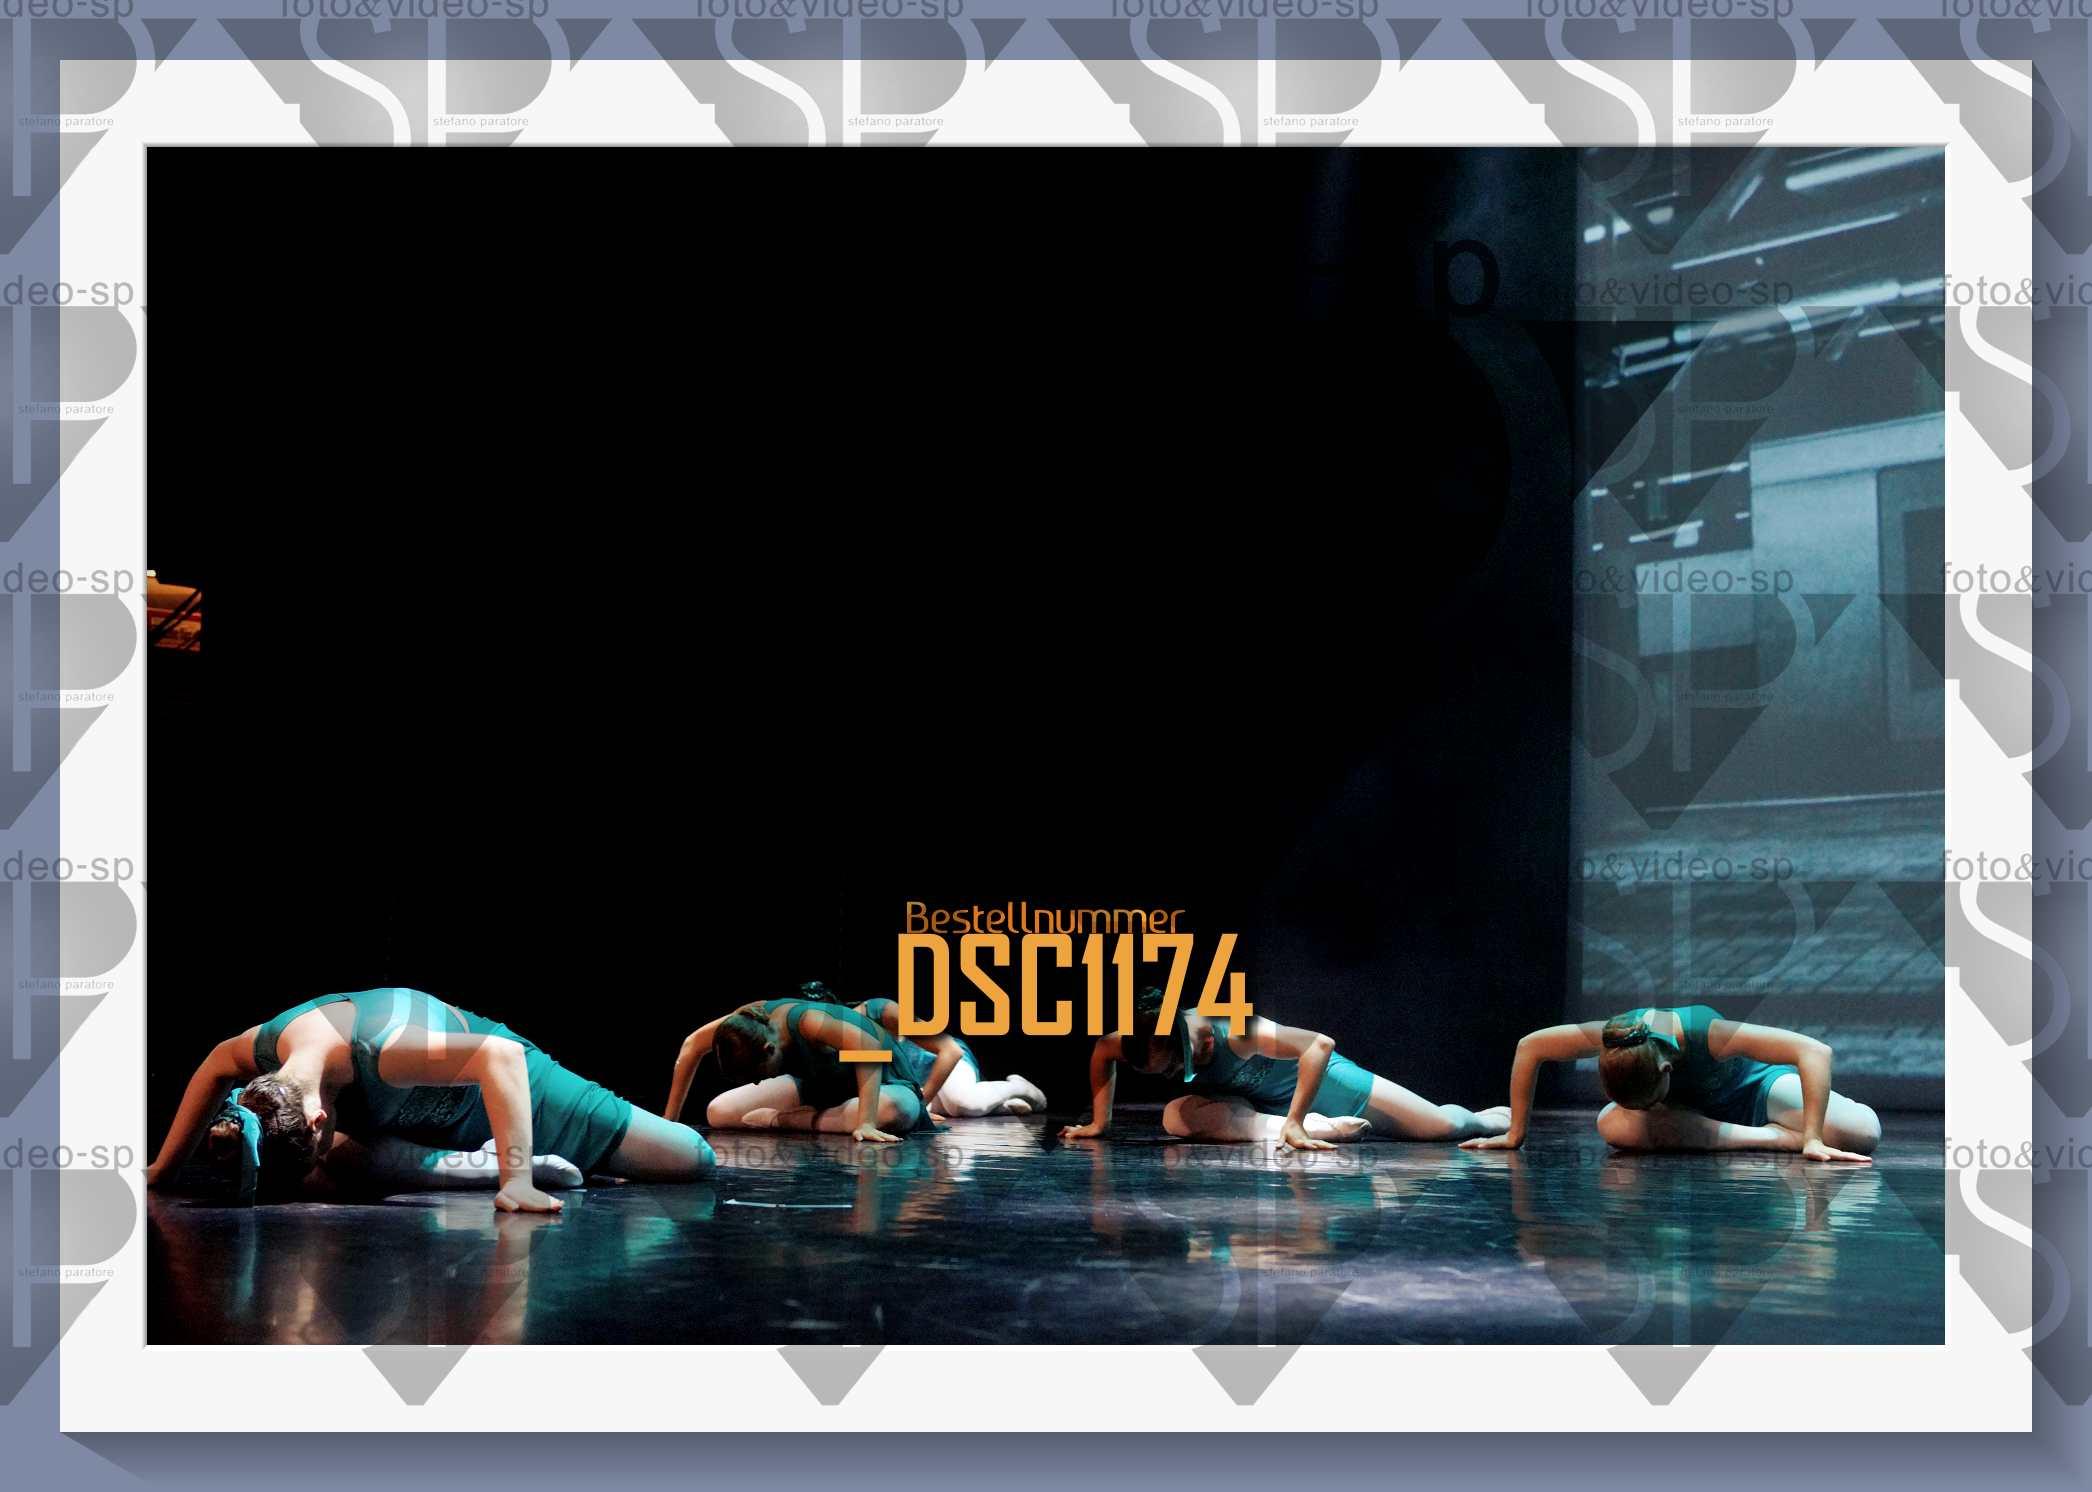 DSC1174